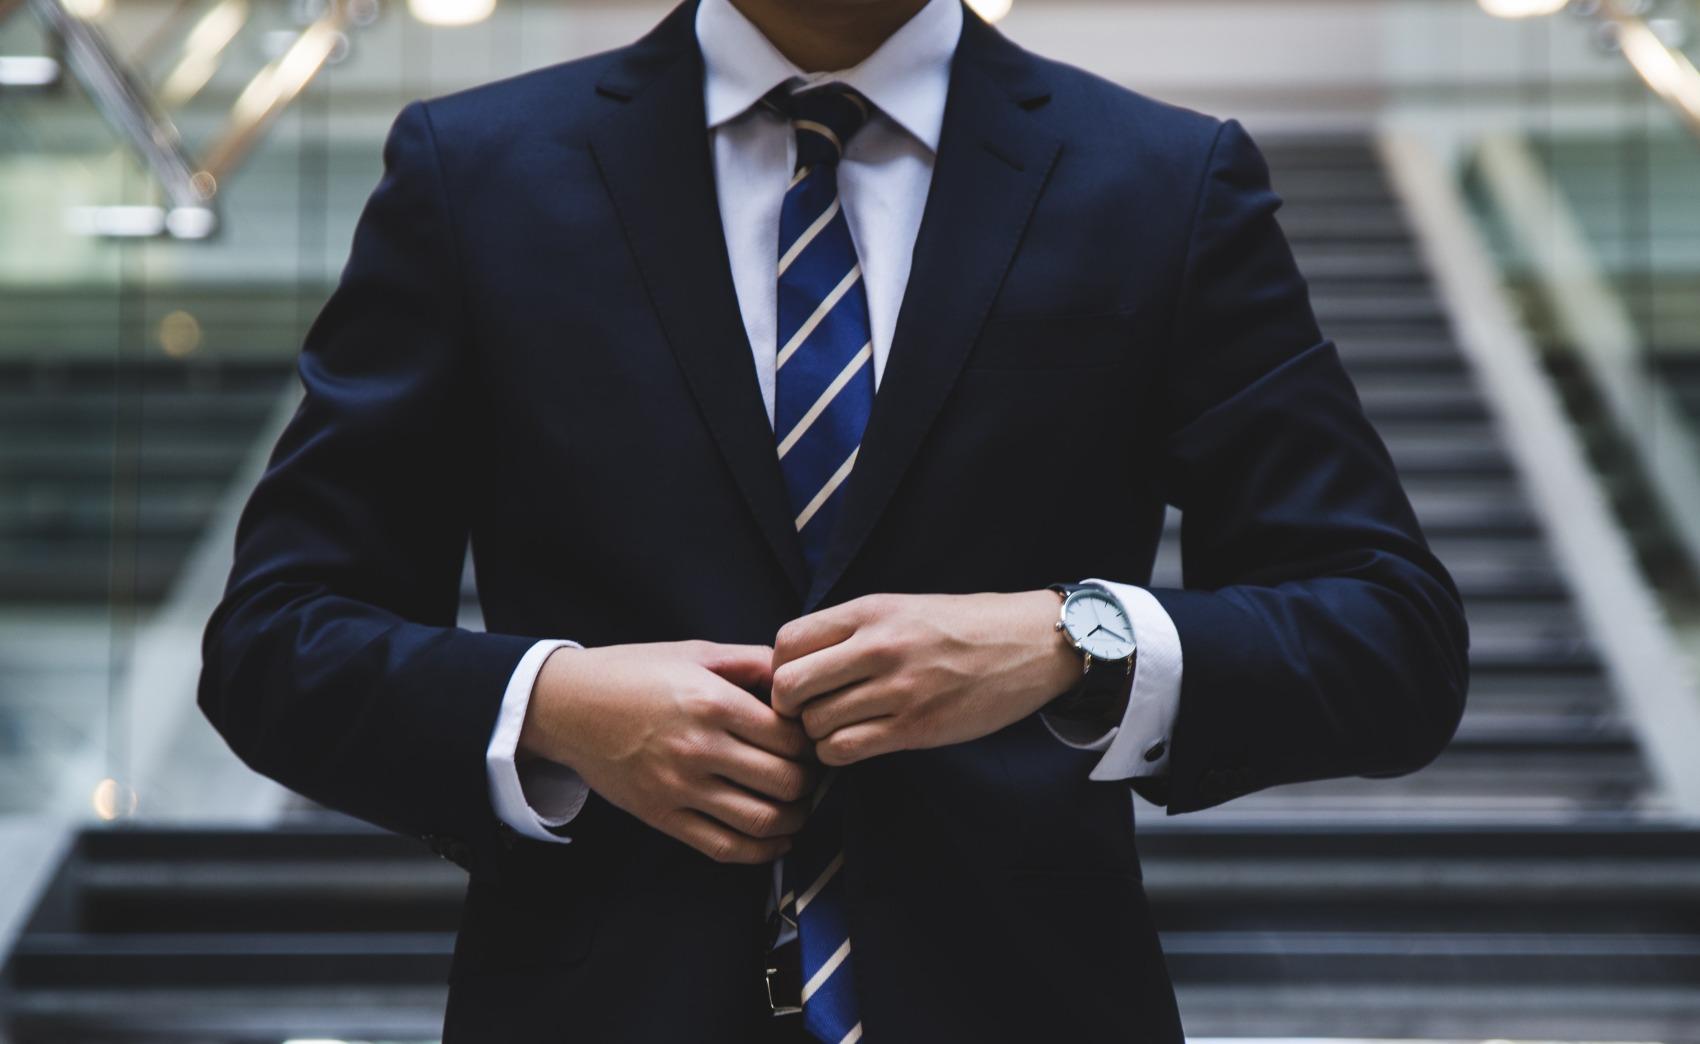 O que é o serviço BPO financeiro?